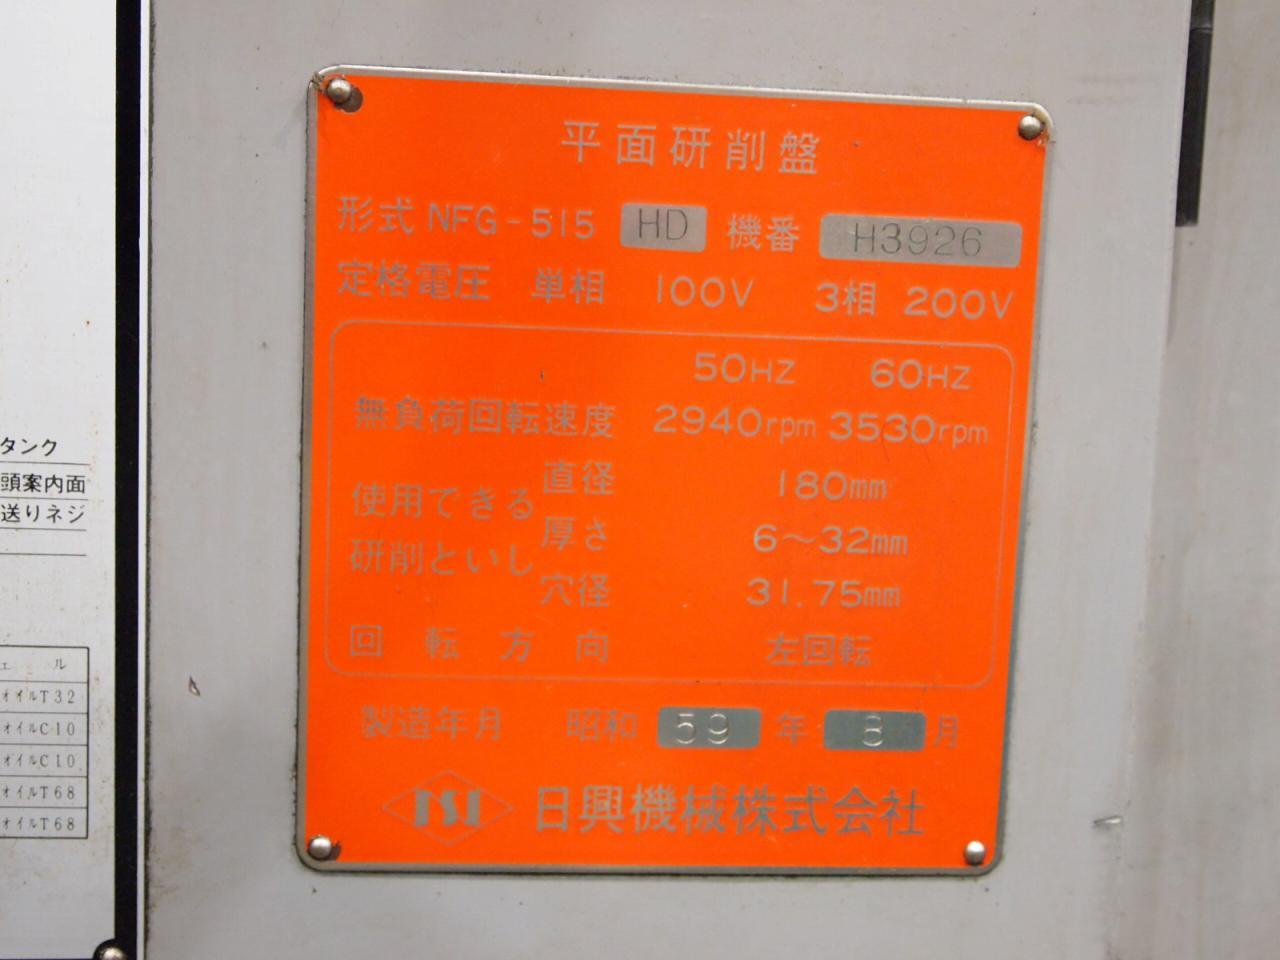 NFG-515HD銘板